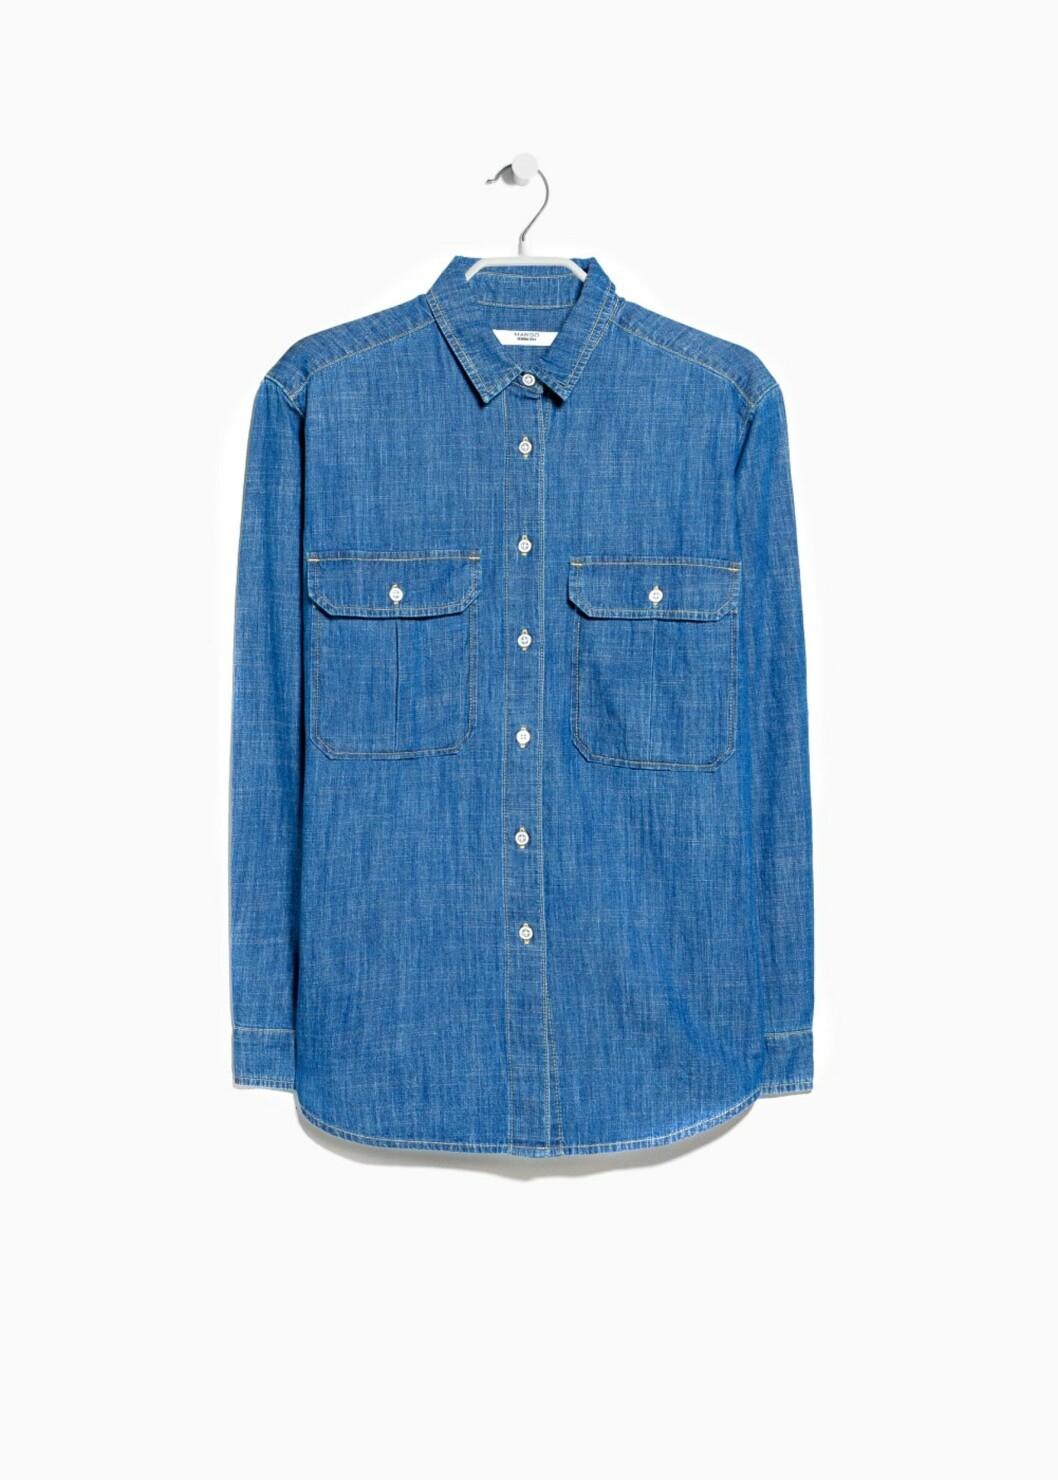 Skjorte fra Mango, kr 149. Foto: Produsenten